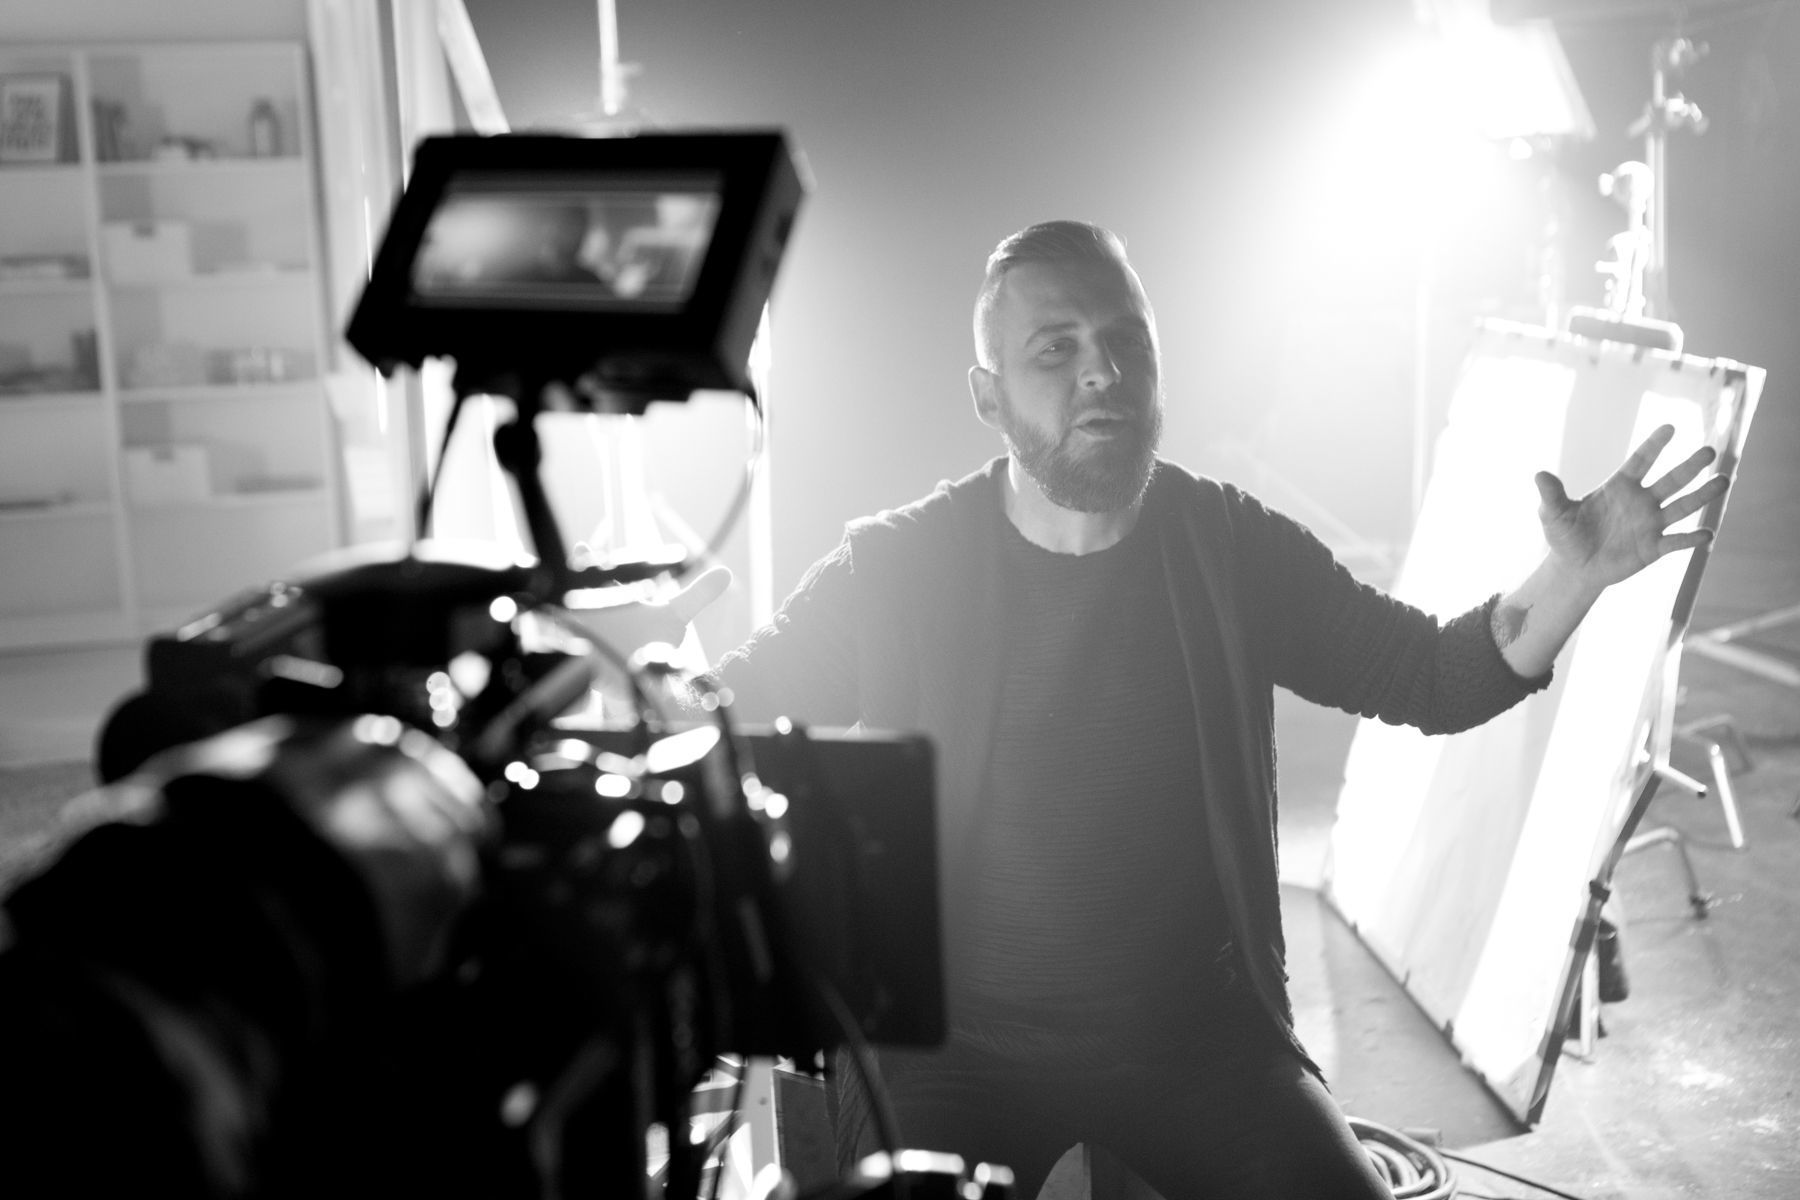 """Новий кліп гурту """"Без обмежень"""" за кілька днів у YouTube переглянули вже понад 400 тисяч разів"""